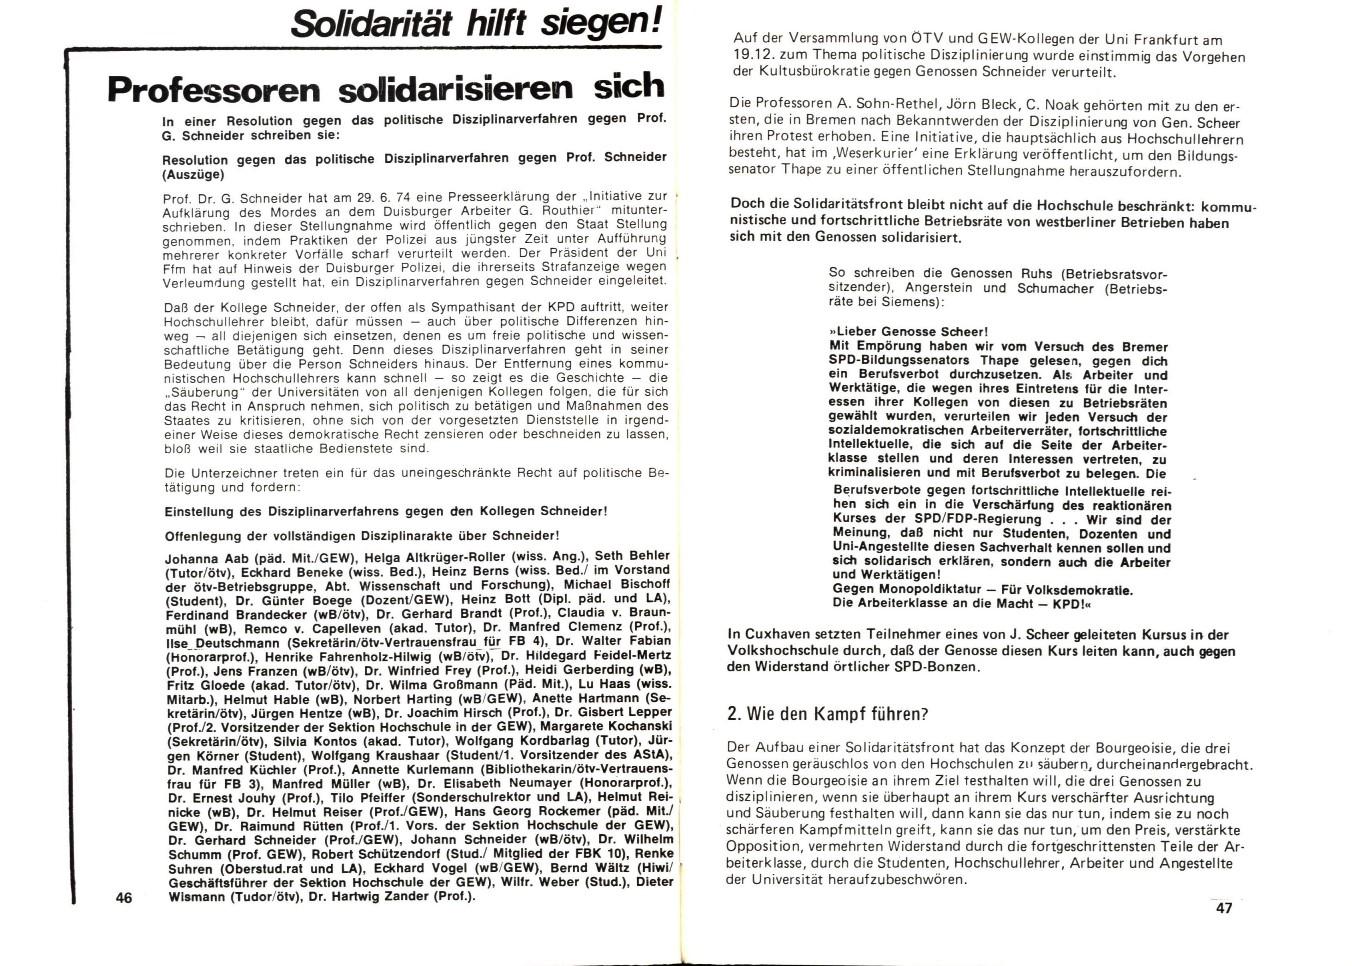 KSV_1975_Scheer_Schneider_Sigrist_24